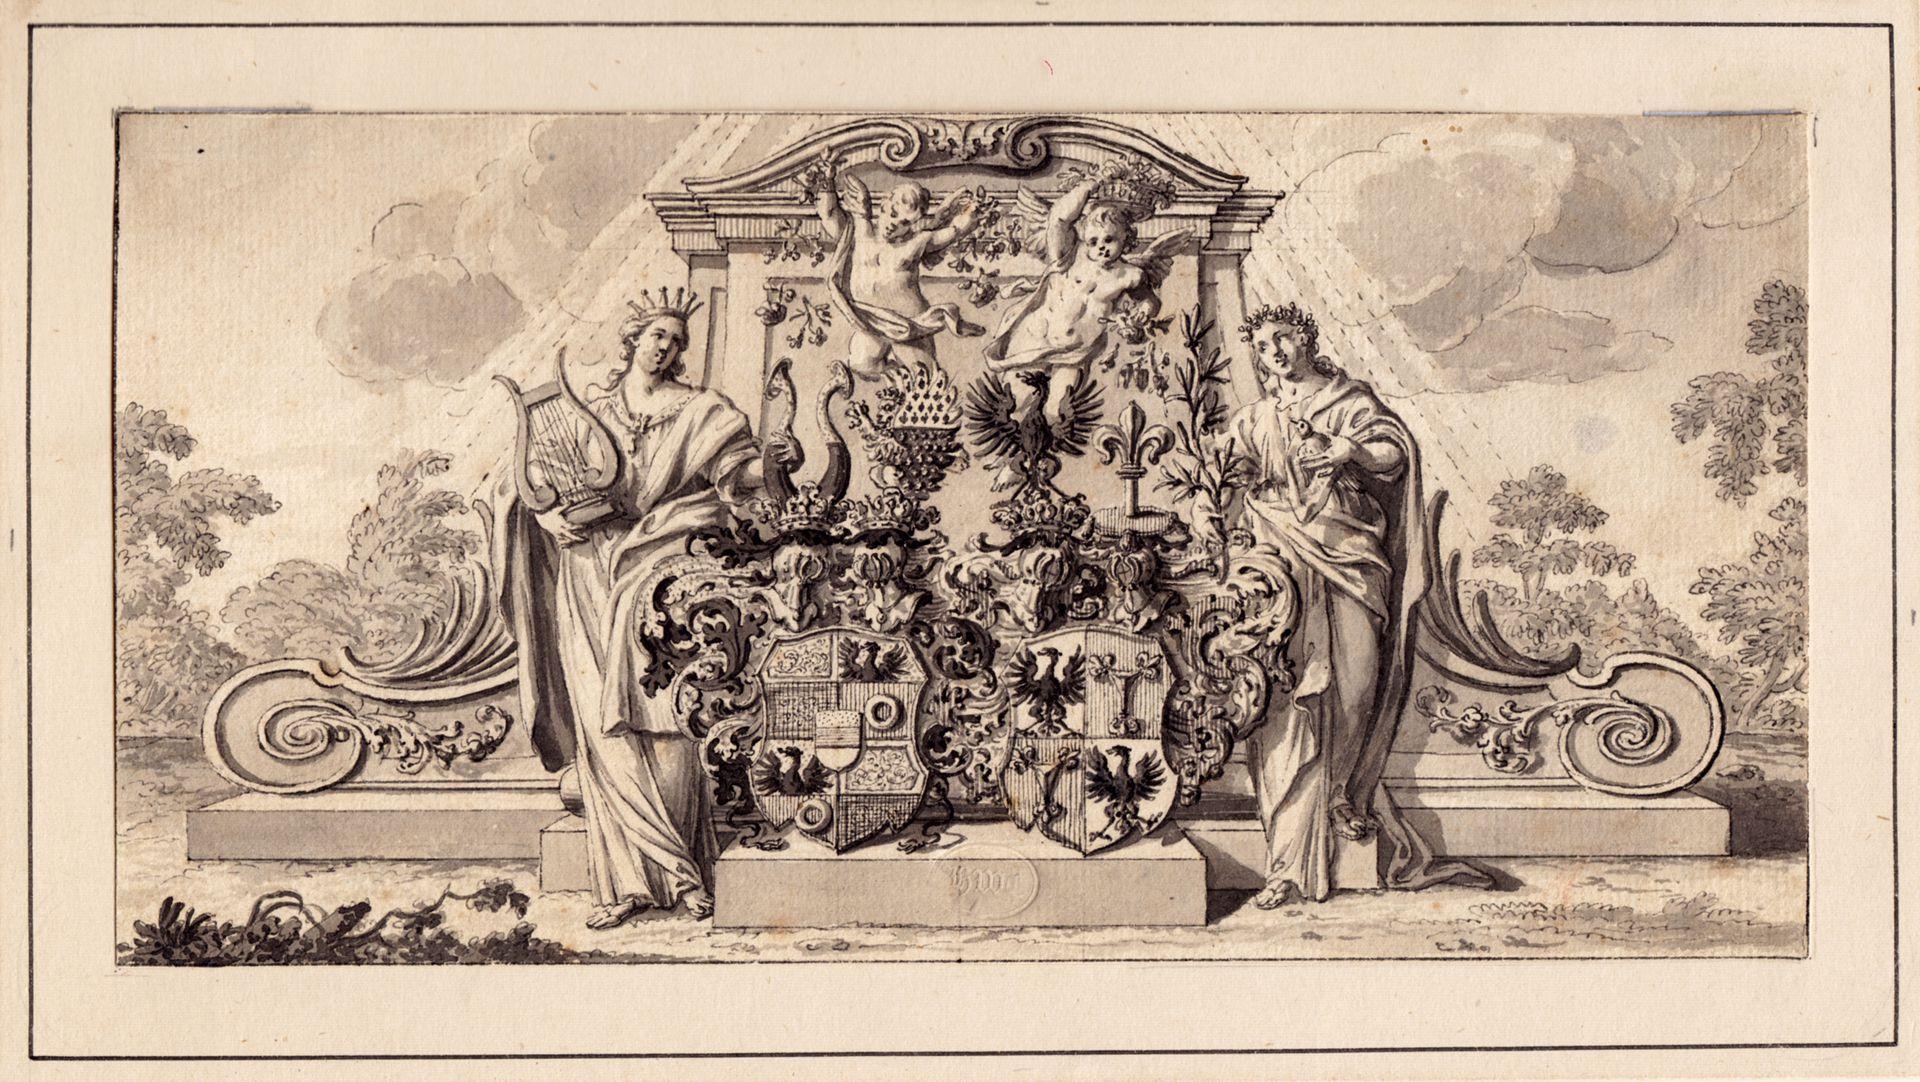 Allianzwappen Pfinzing - Nützel, vor einem allegorischen Monument Gesamtansicht